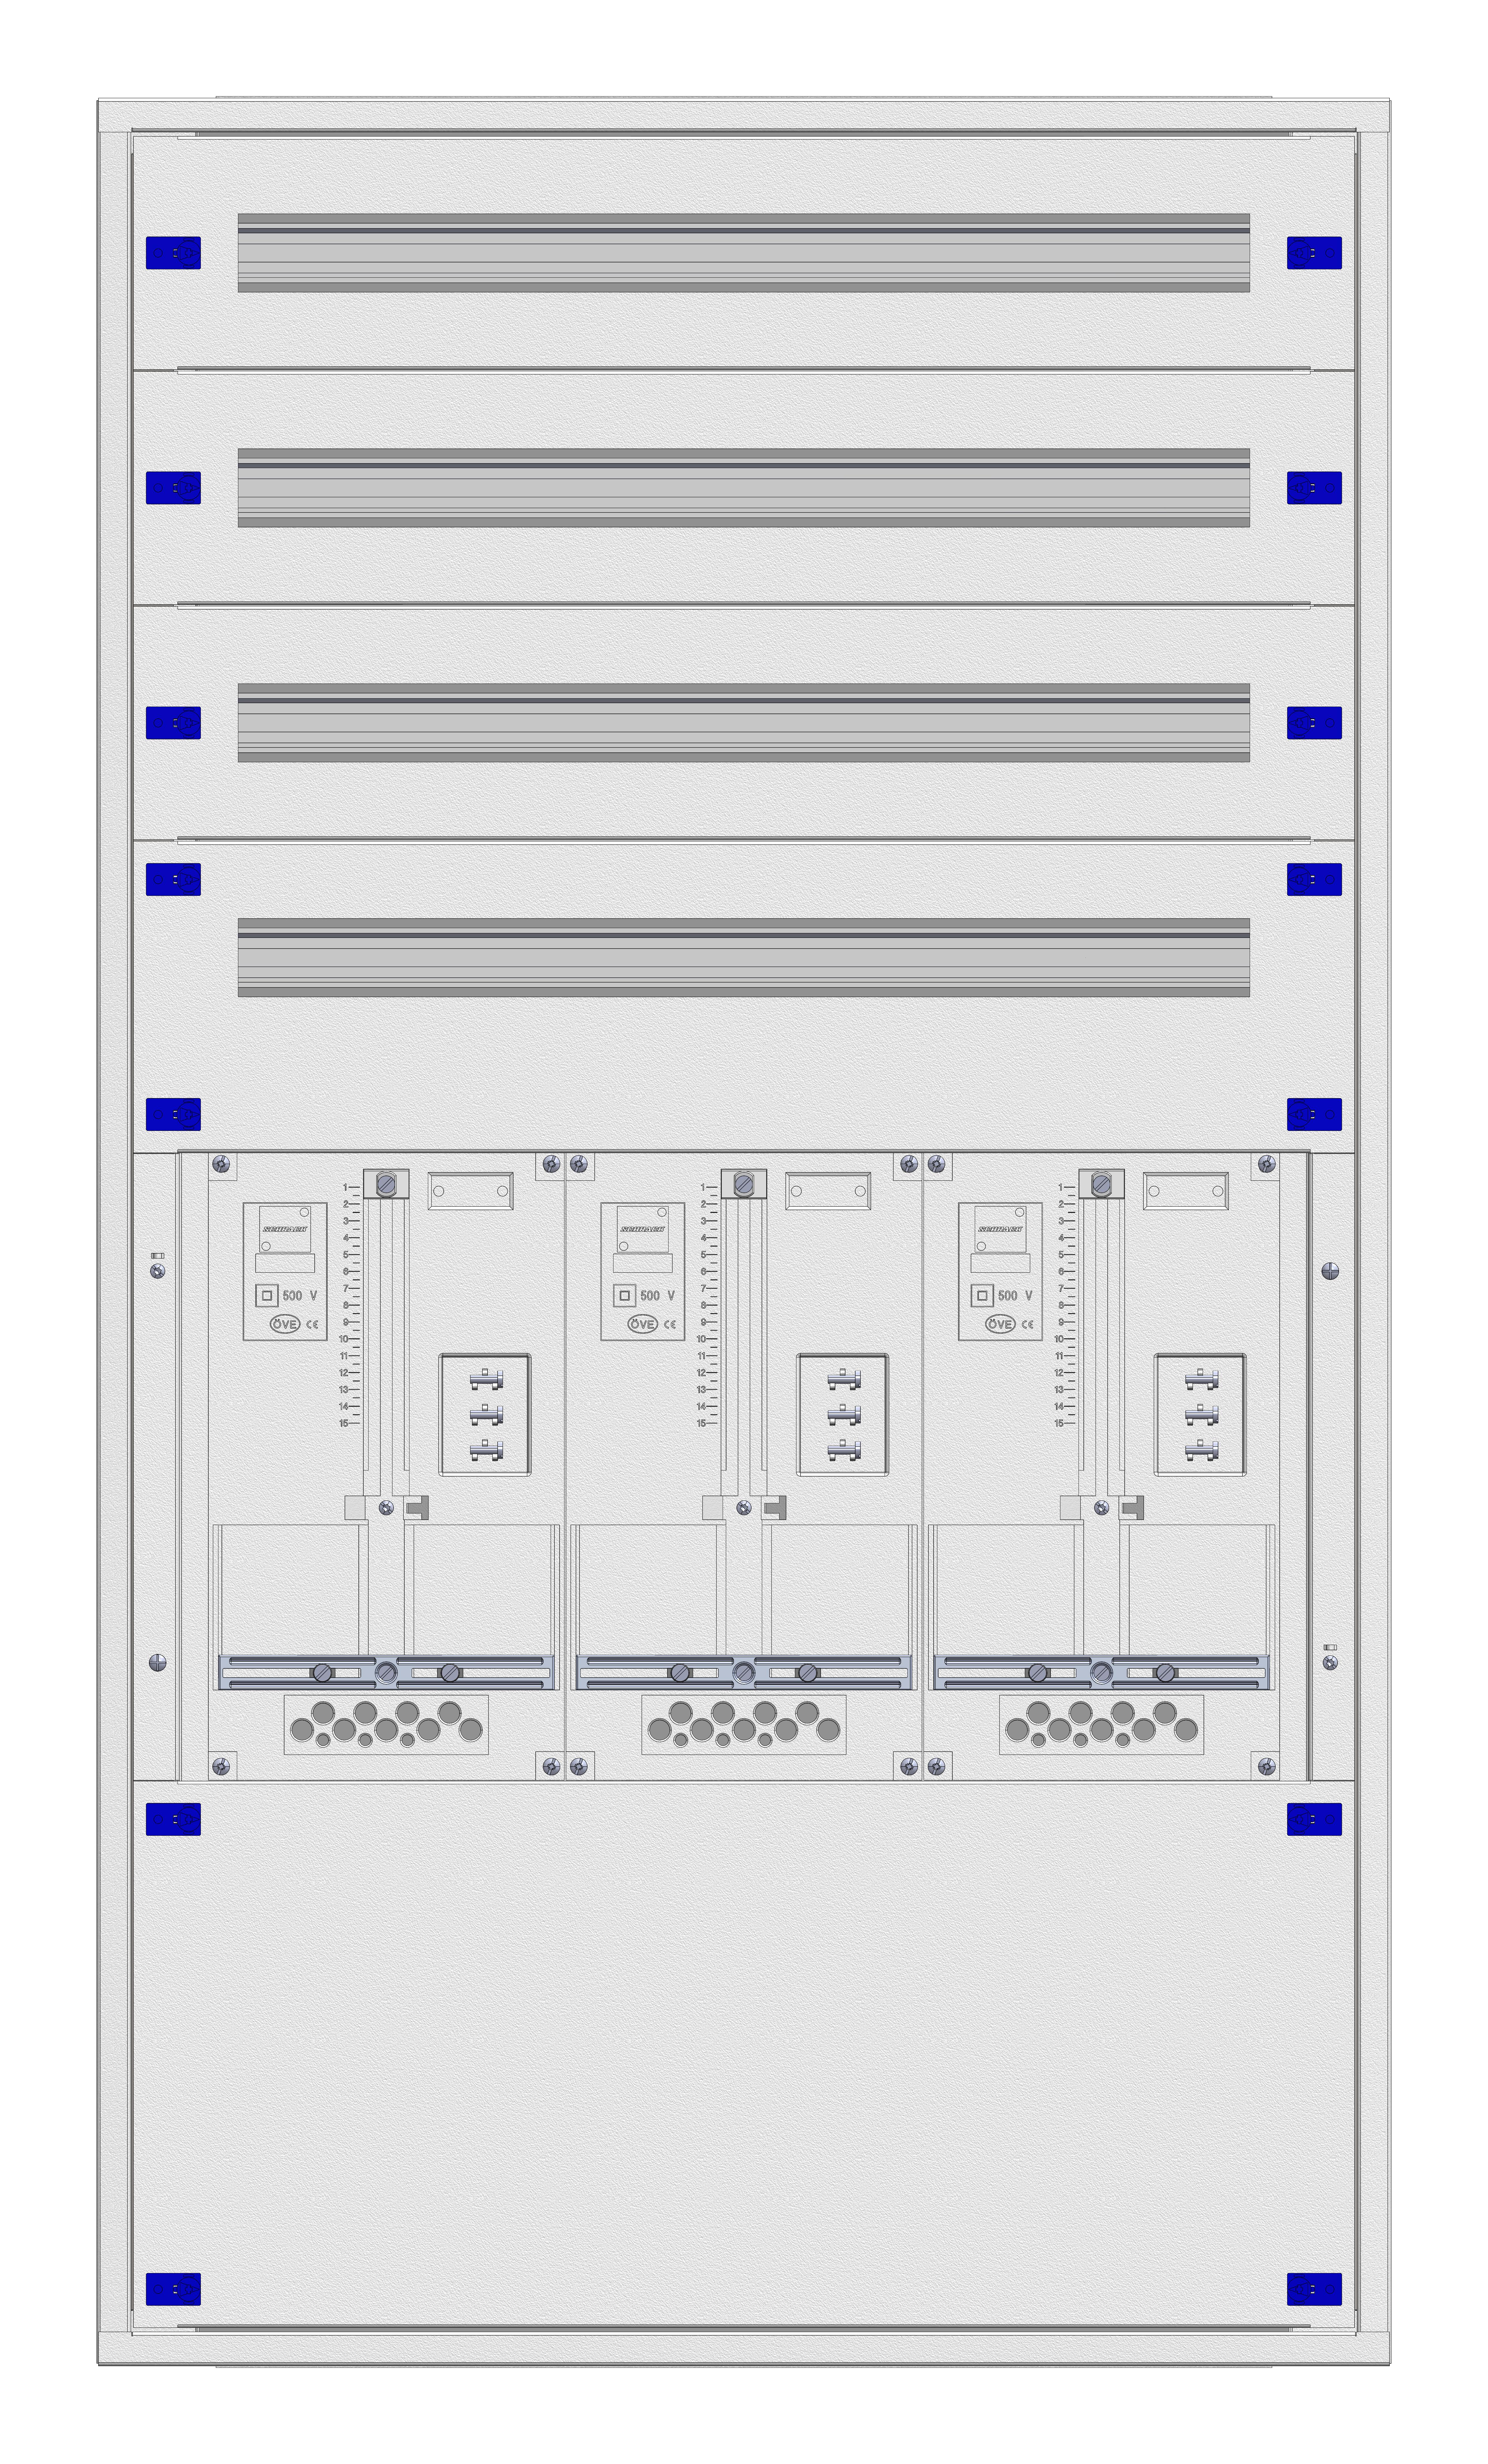 1 Stk Eco 3S UP-Verteiler 3U28 + Mauerwanne EVN-RAL9016 IL9643283S